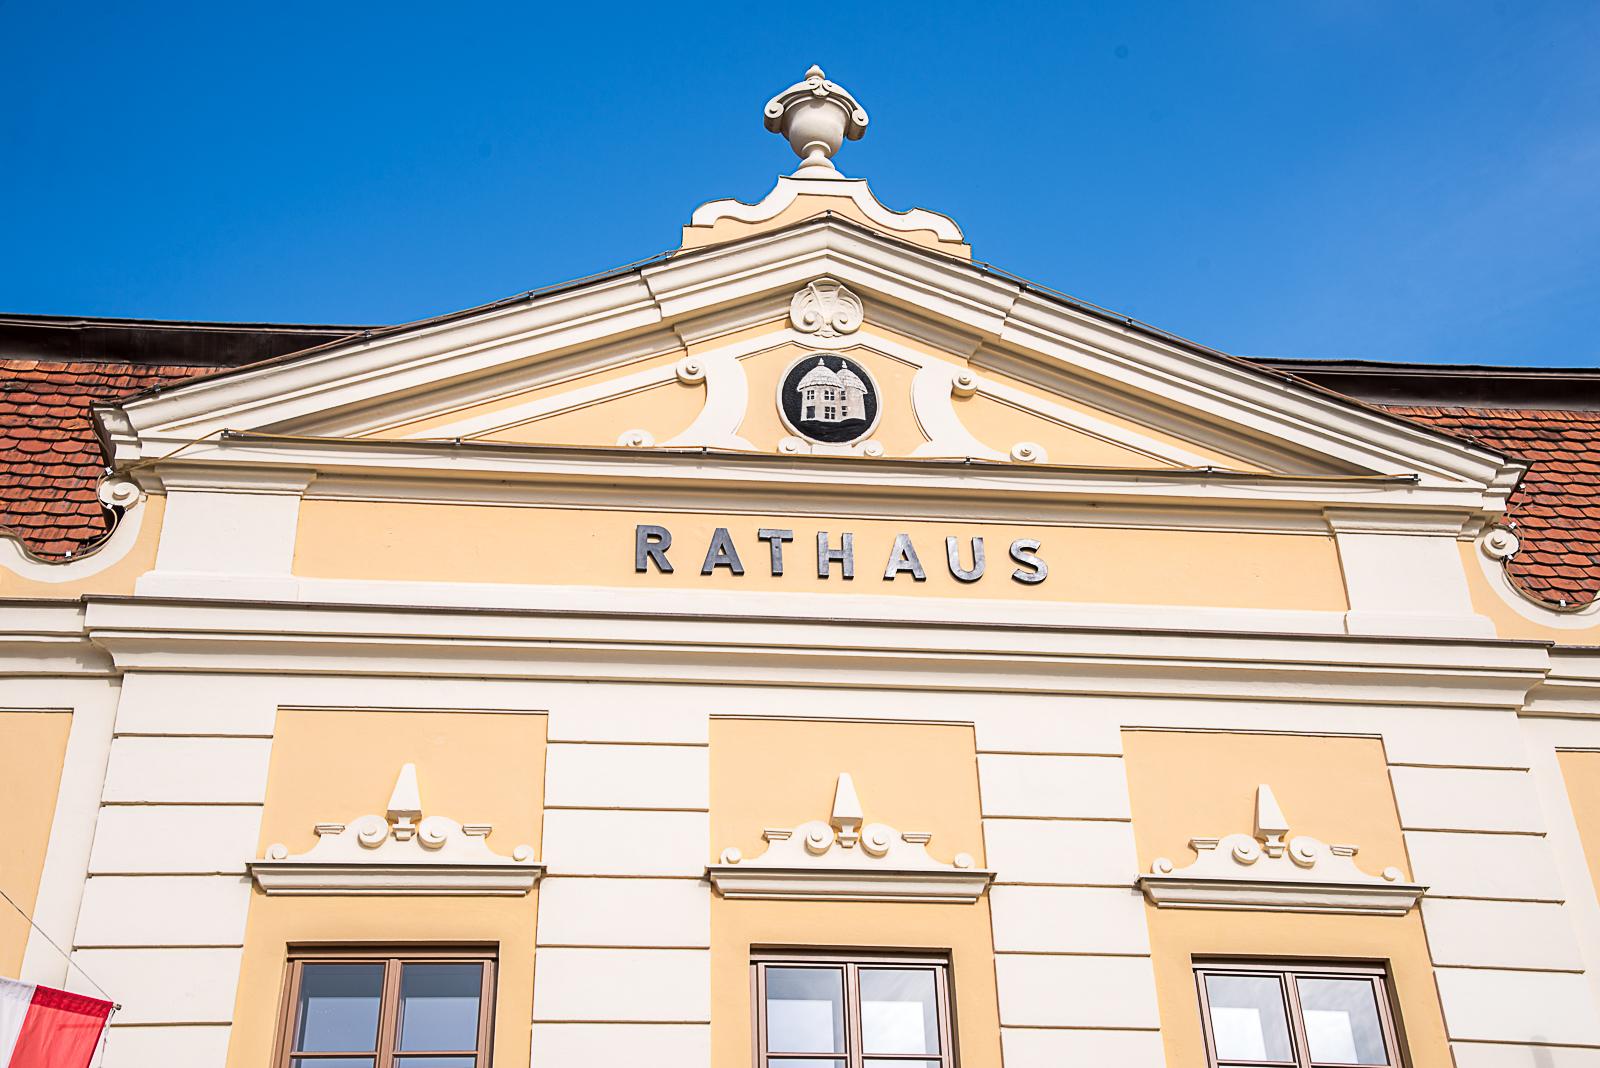 Rathaus-Pottenstein-Hauptplatz-2